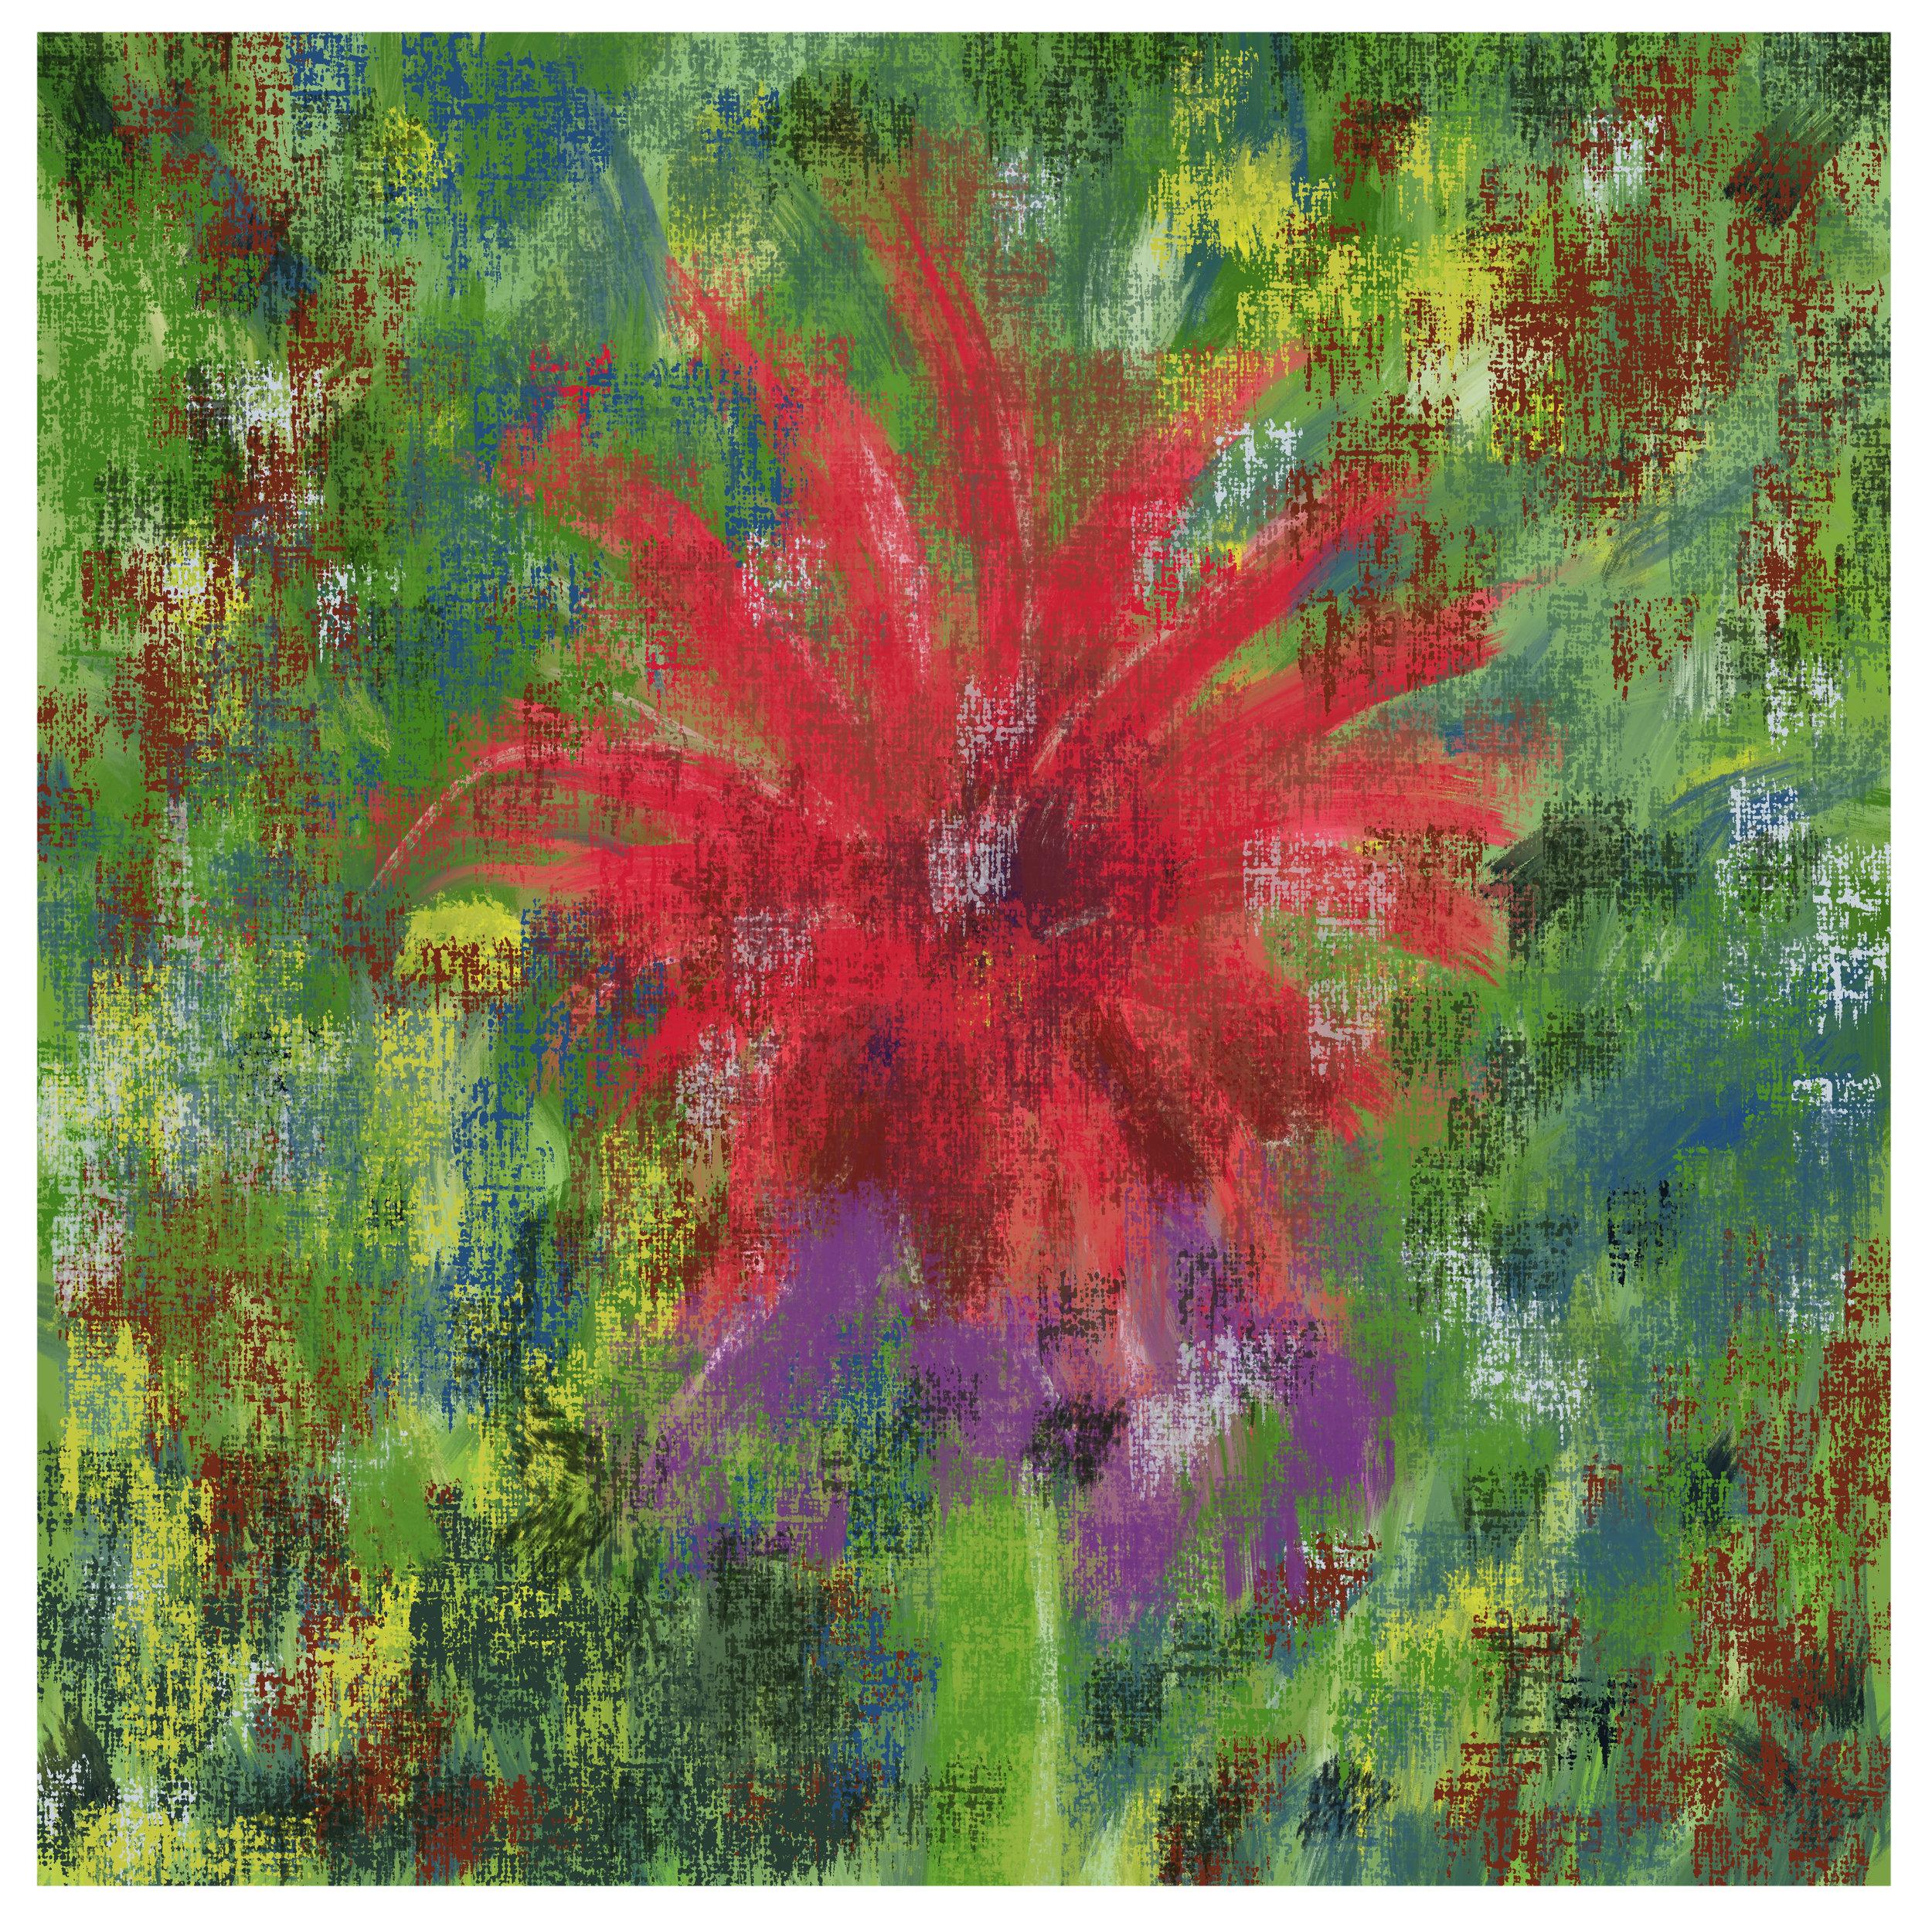 #8_-_Red_Flower.jpg